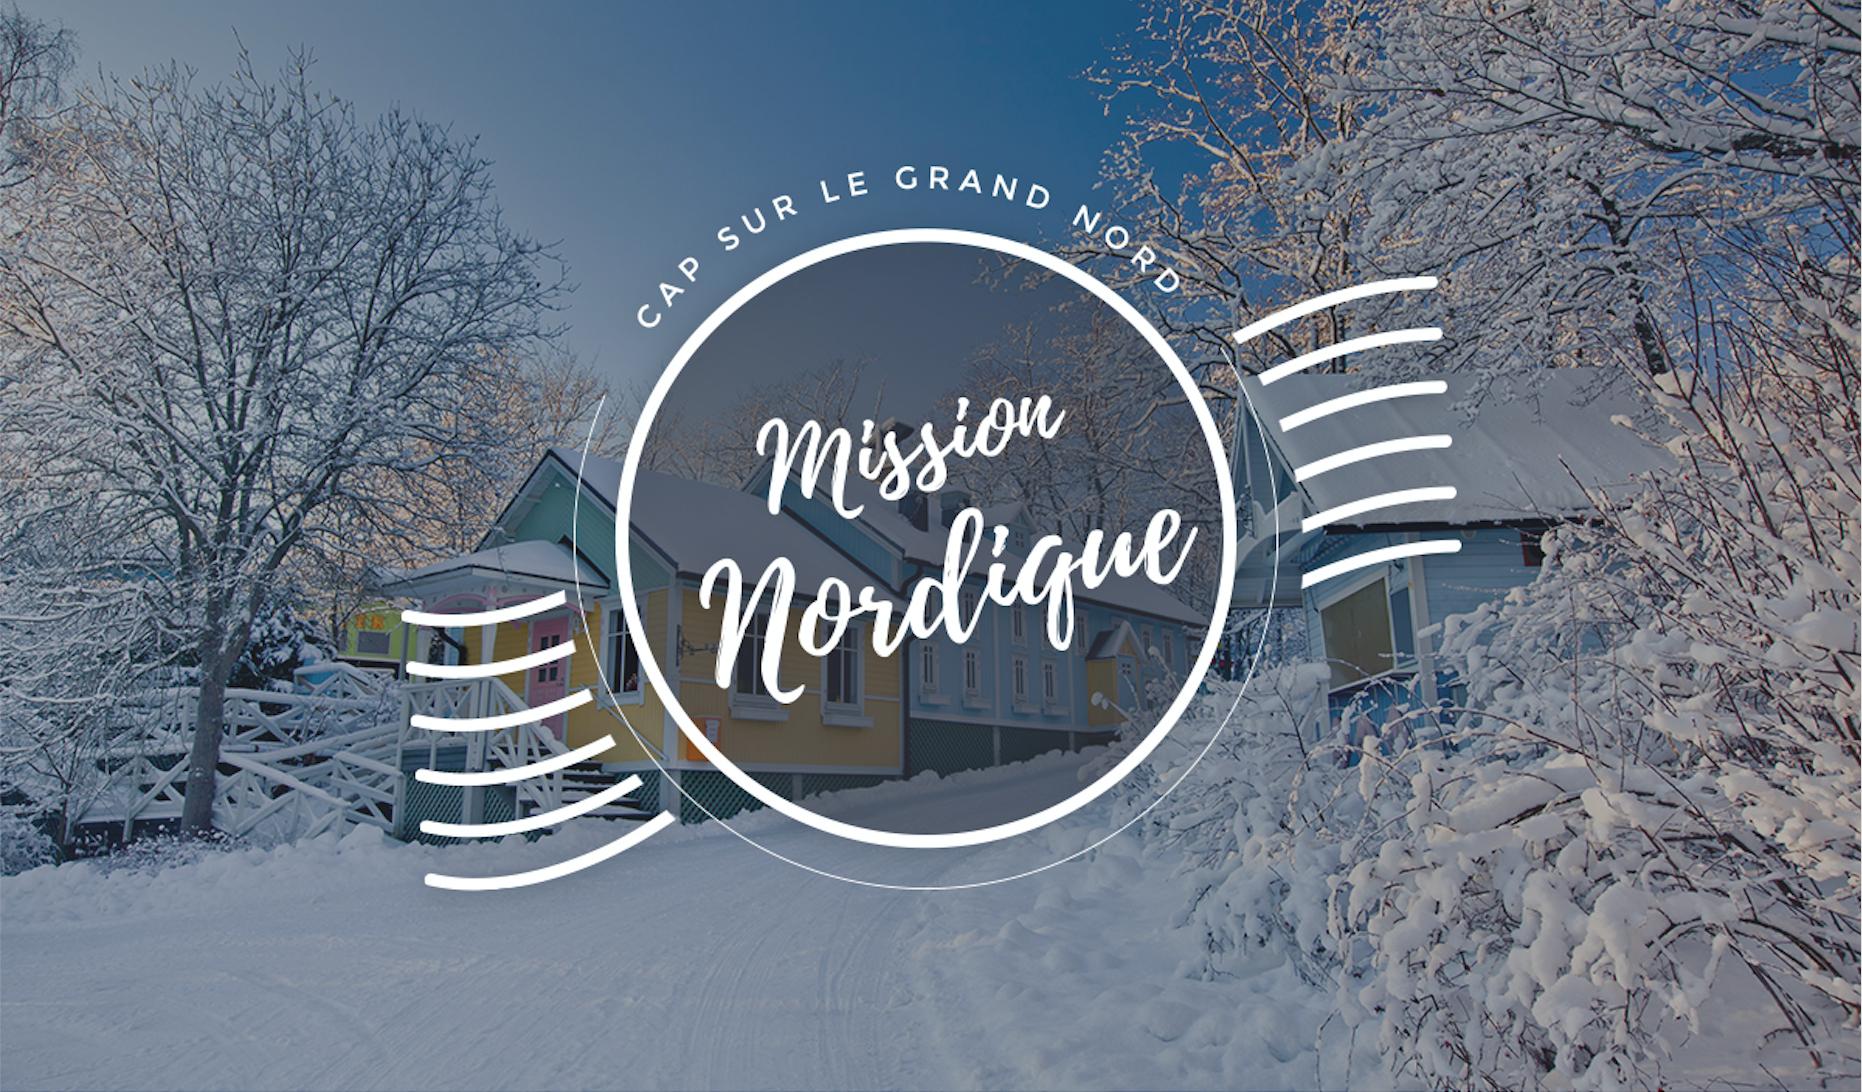 mission-nordique-nologo